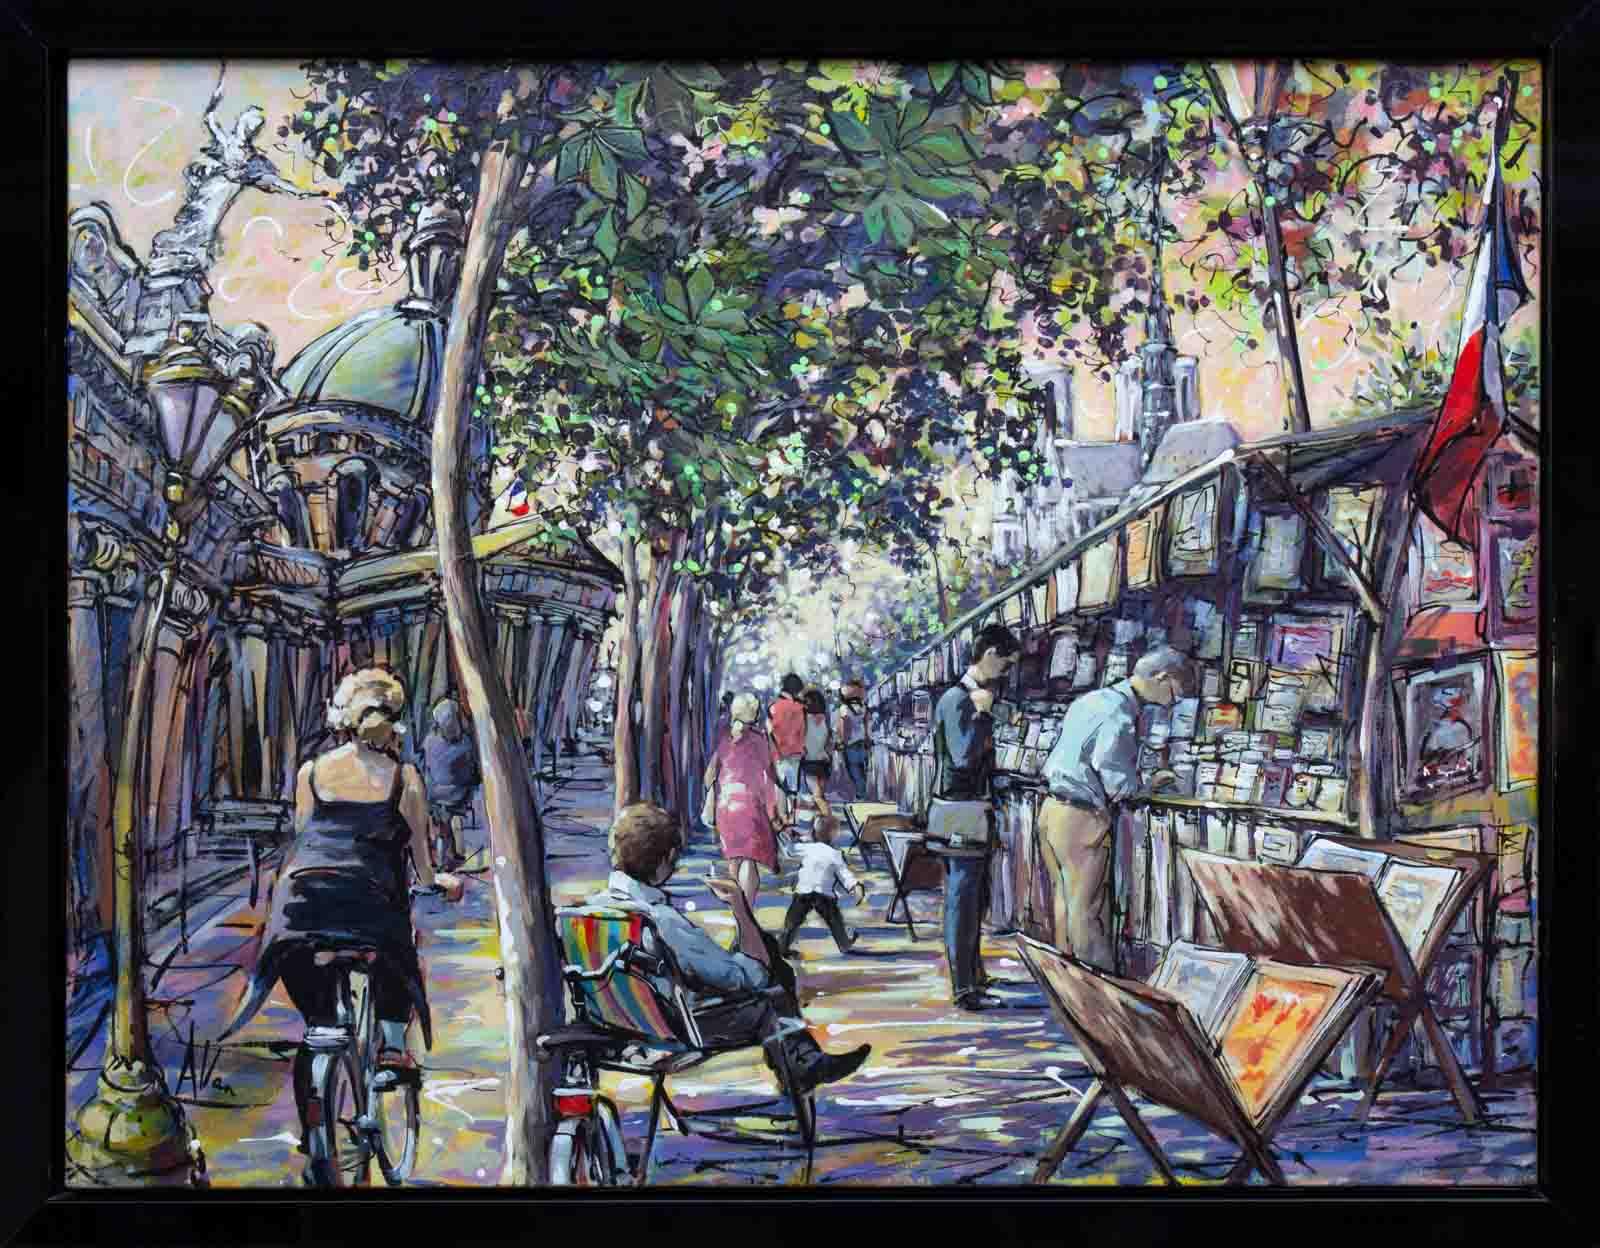 Rive Gauche Paris, Allan Stephens